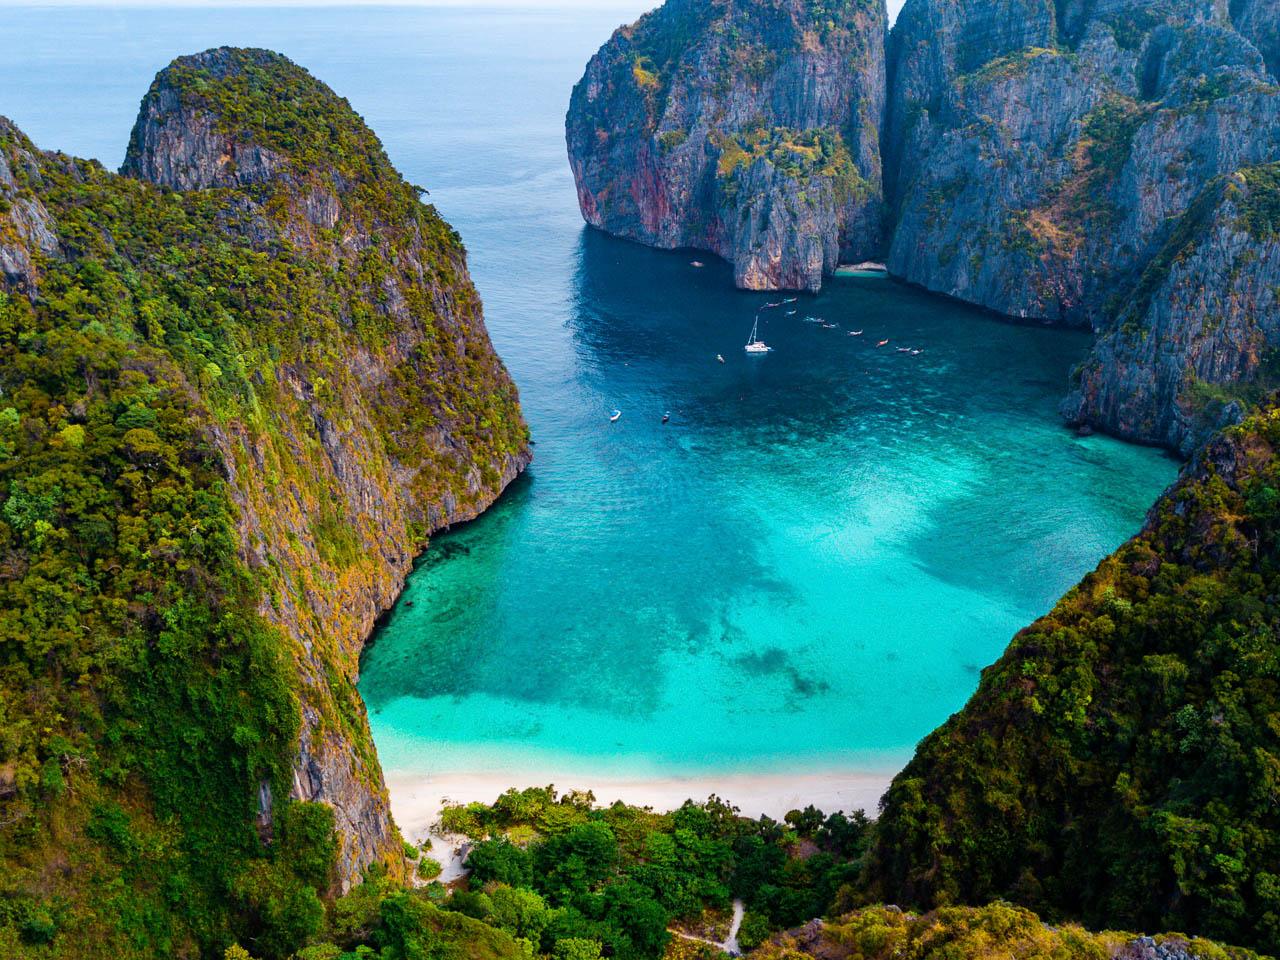 Roteiro de 5 dias em Phuket, na Tailândia: dica das principais atrações, Passeios em Phi Phi